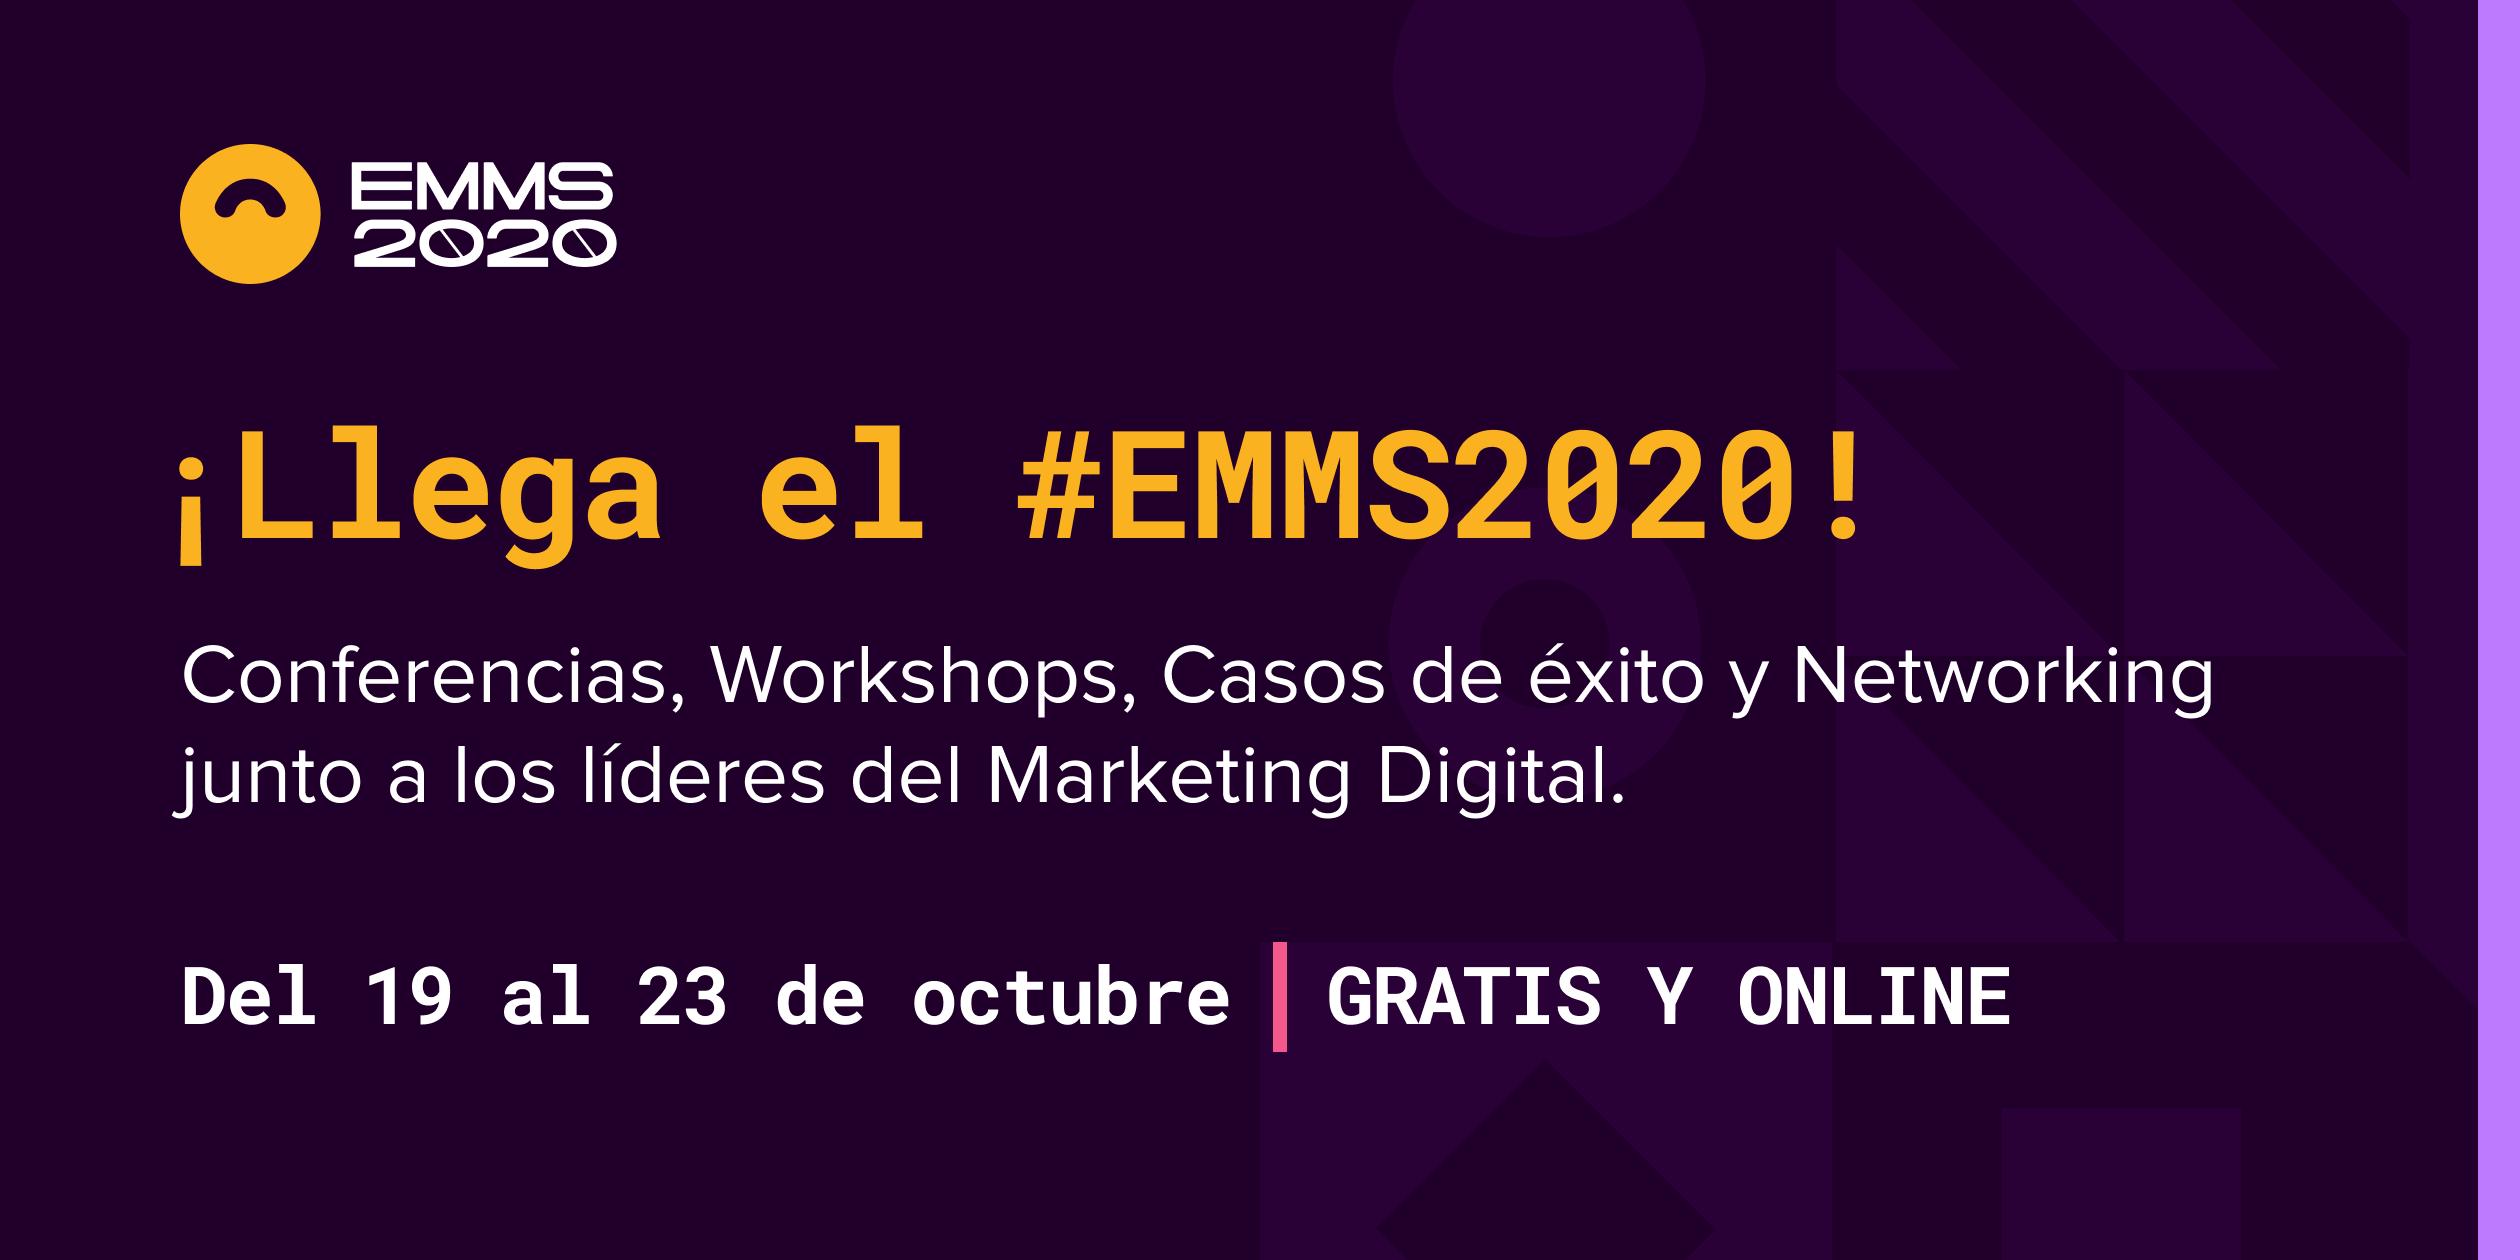 Se prepara una nueva edición del EMMS. 5 días a puro Marketing Digital